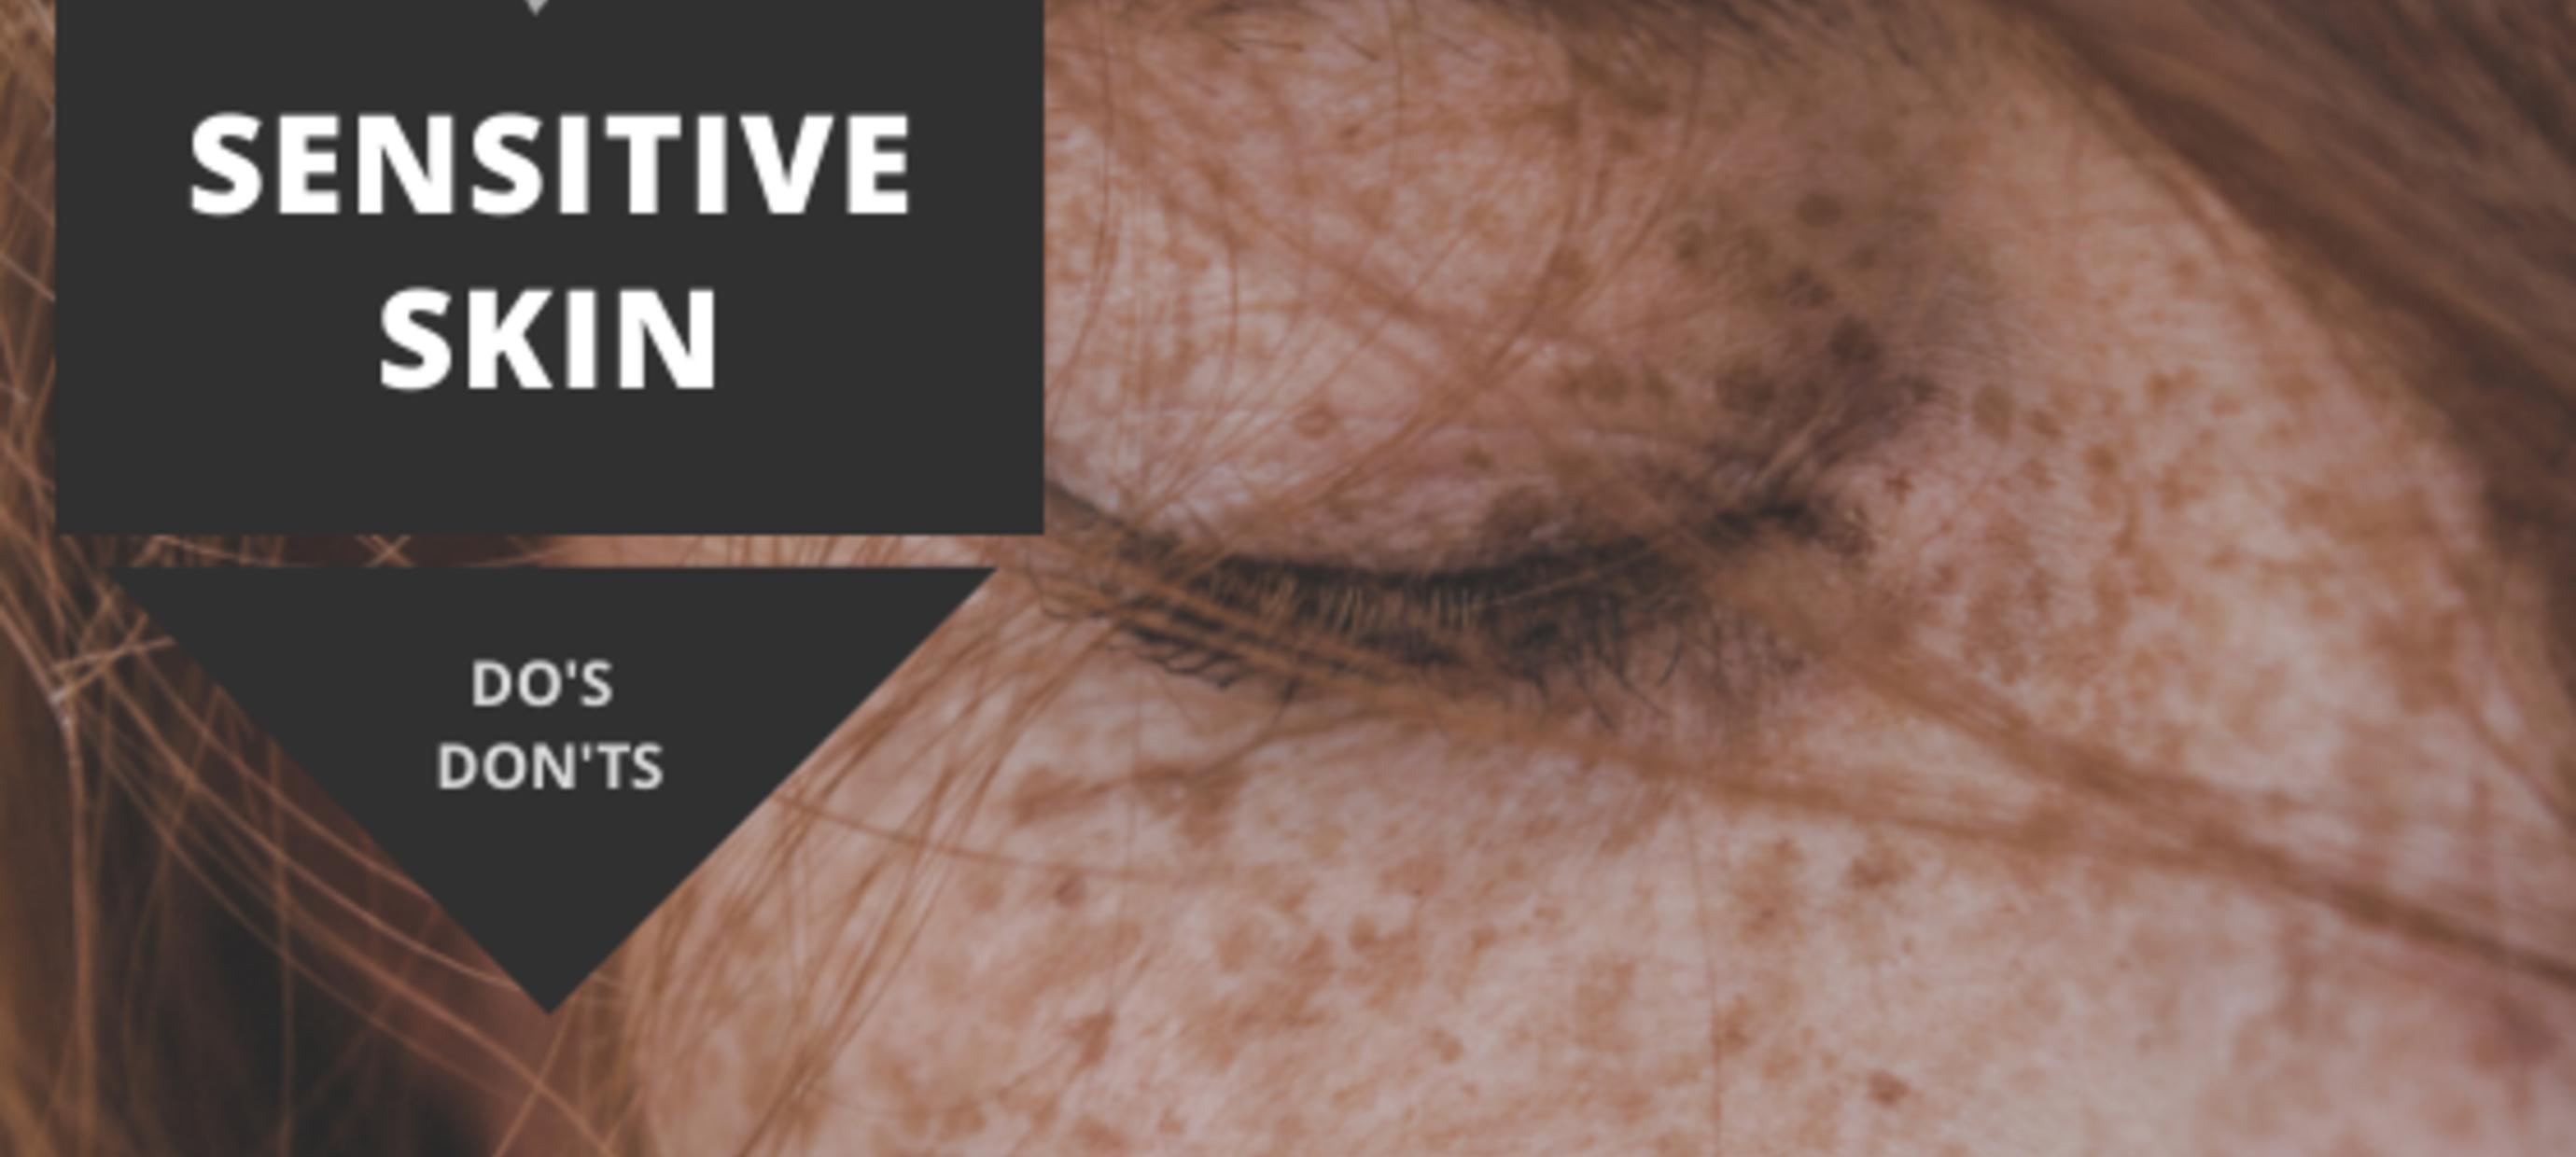 Sensitive skin - DO'S & DON'TS